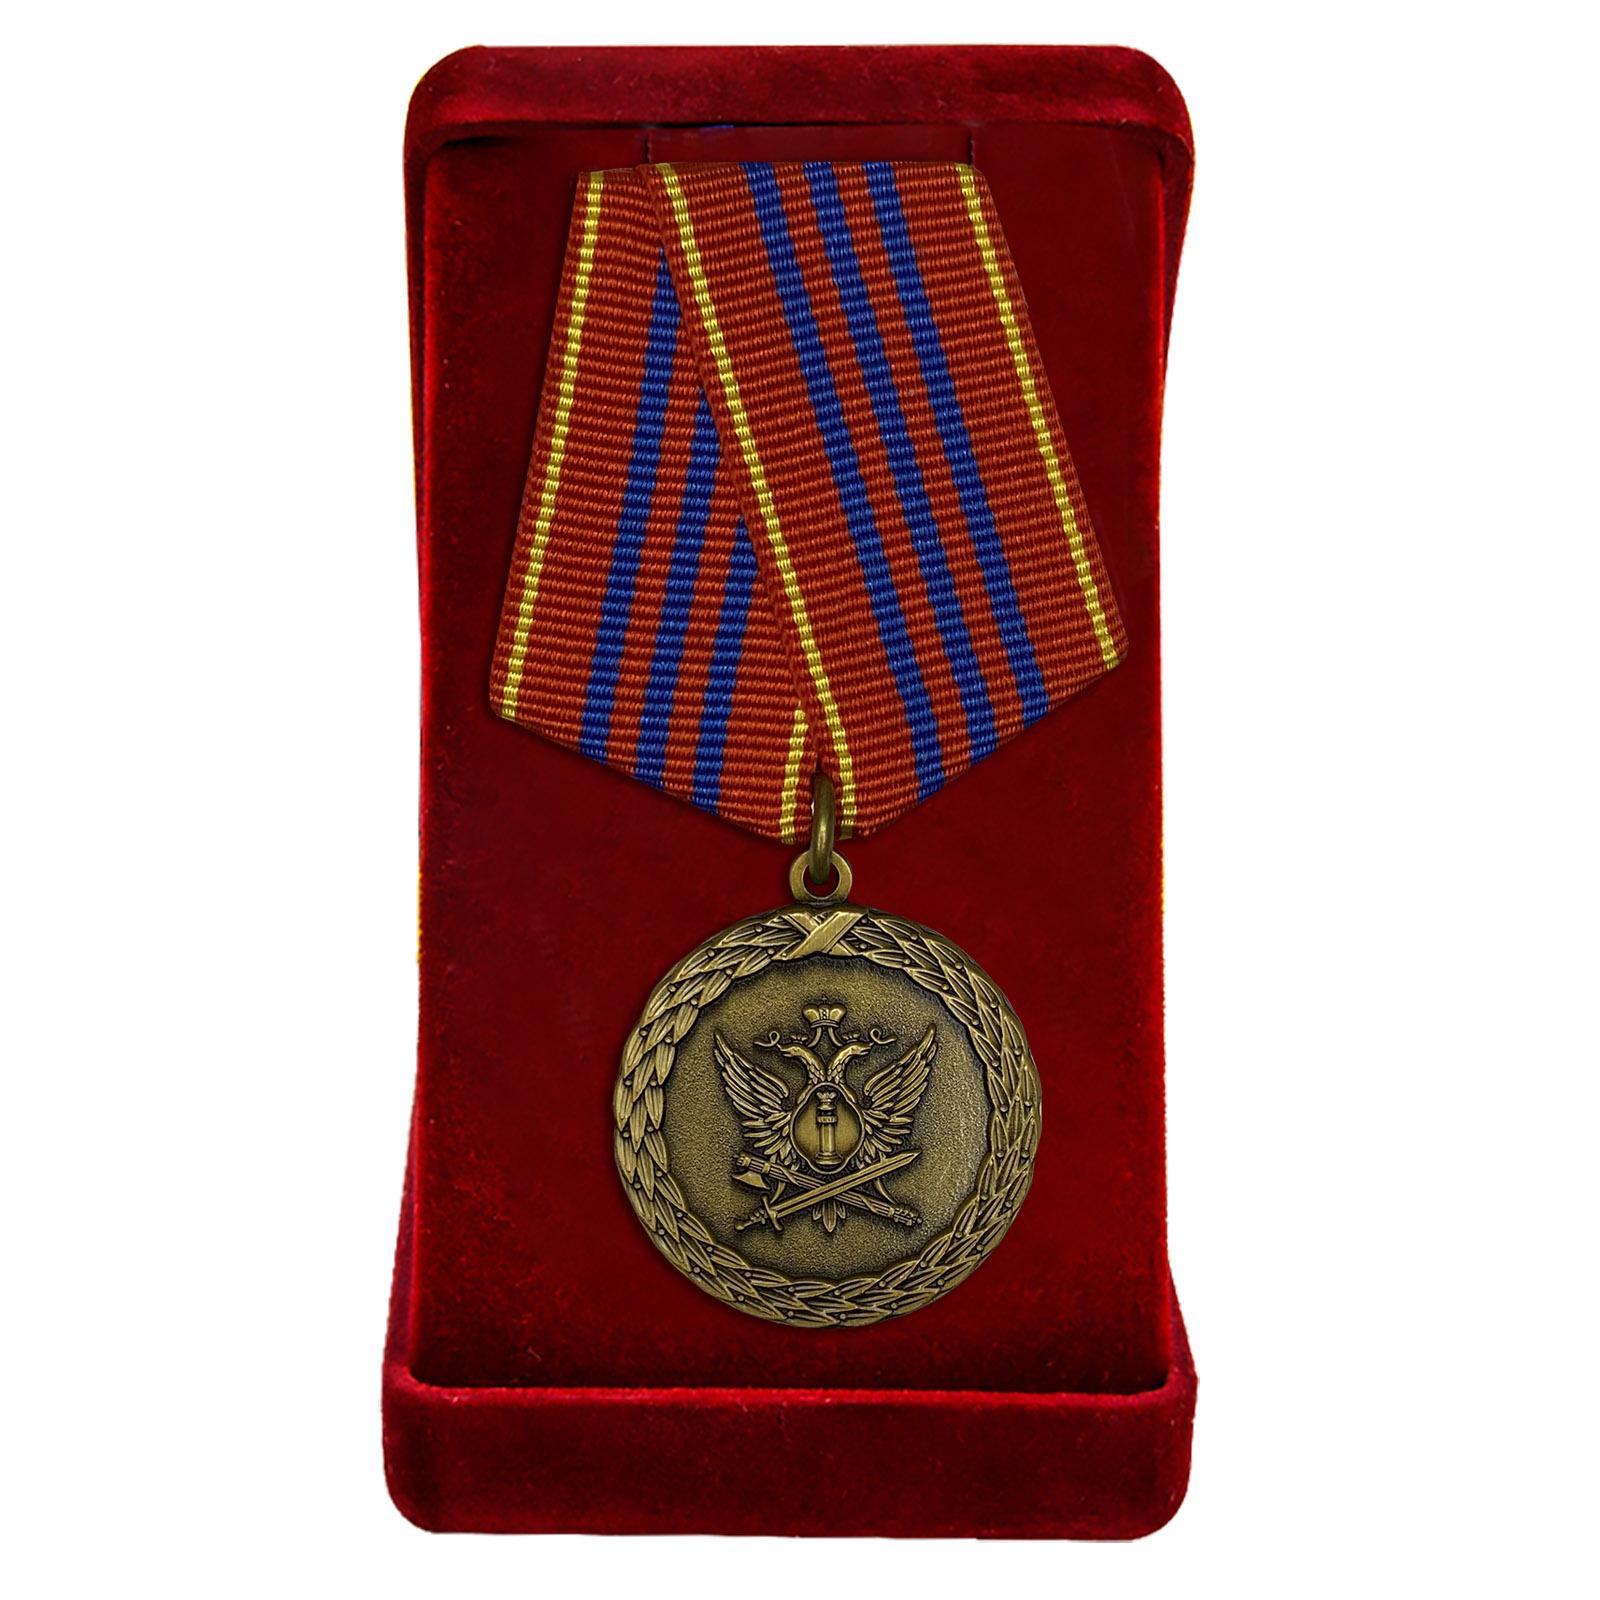 Купить медаль Министерства Юстиции За службу 3 степени с доставкой